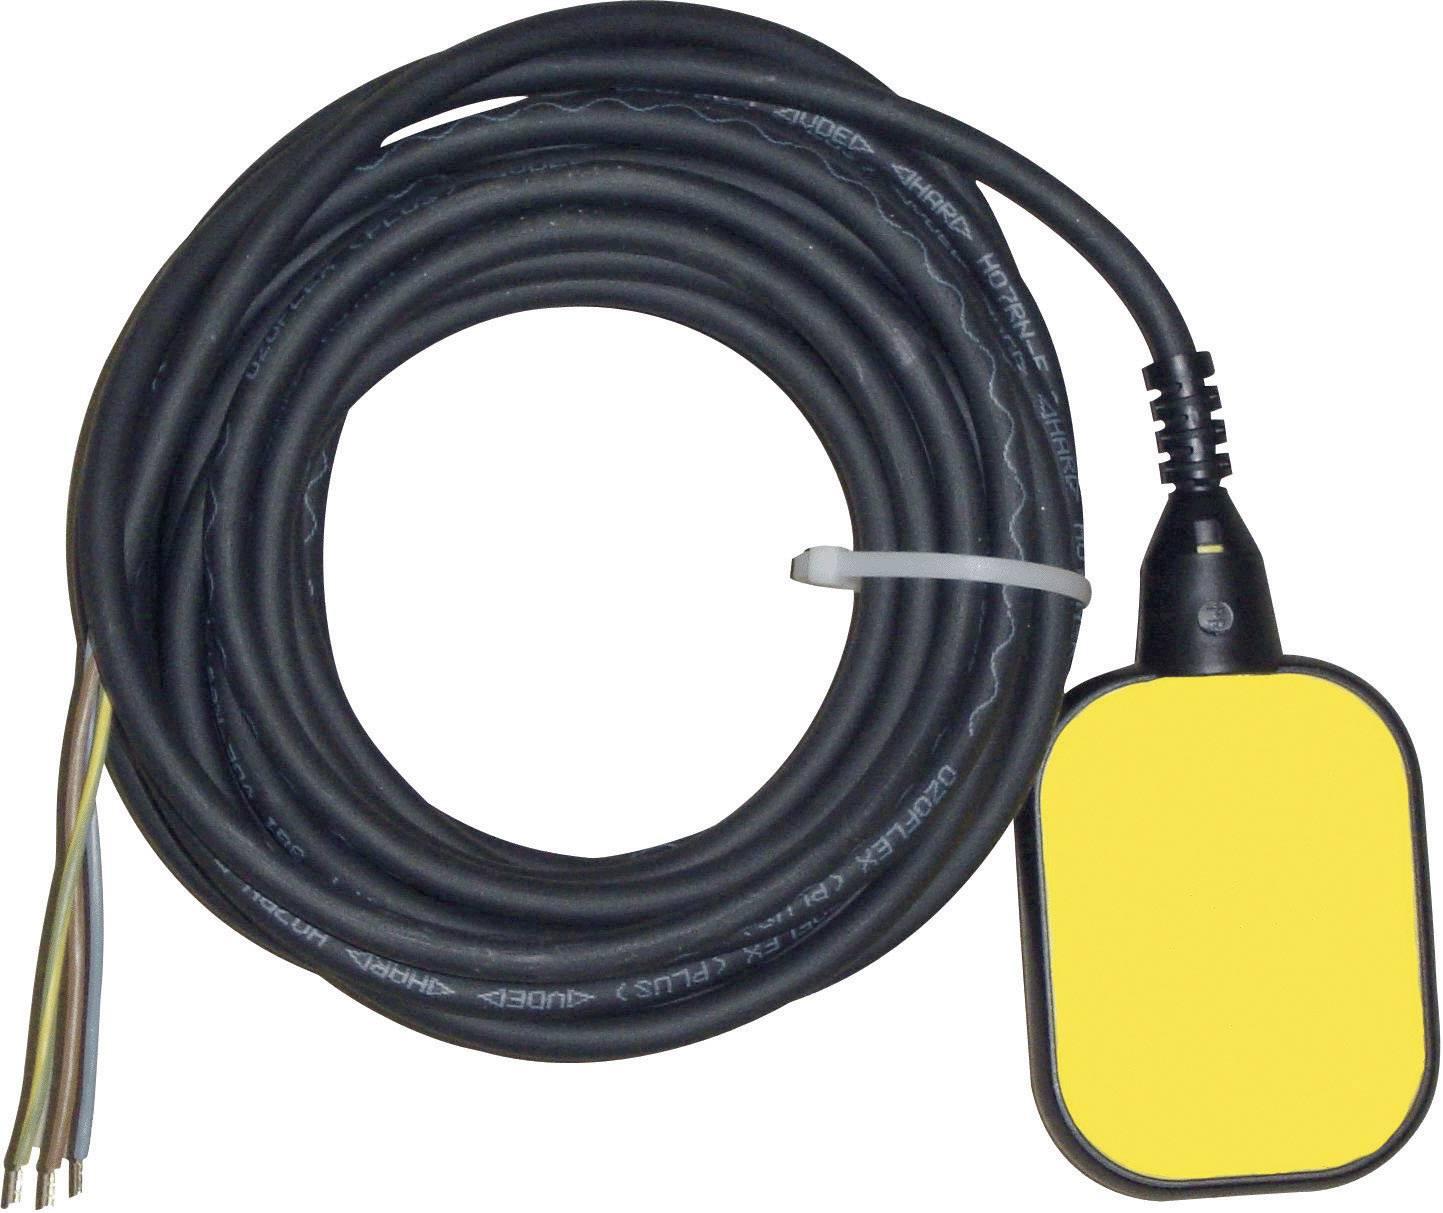 Plovákový spínač pro napouštění/vypouštění Zehnder Pumpen 14529, 5 m, žlutá/černá